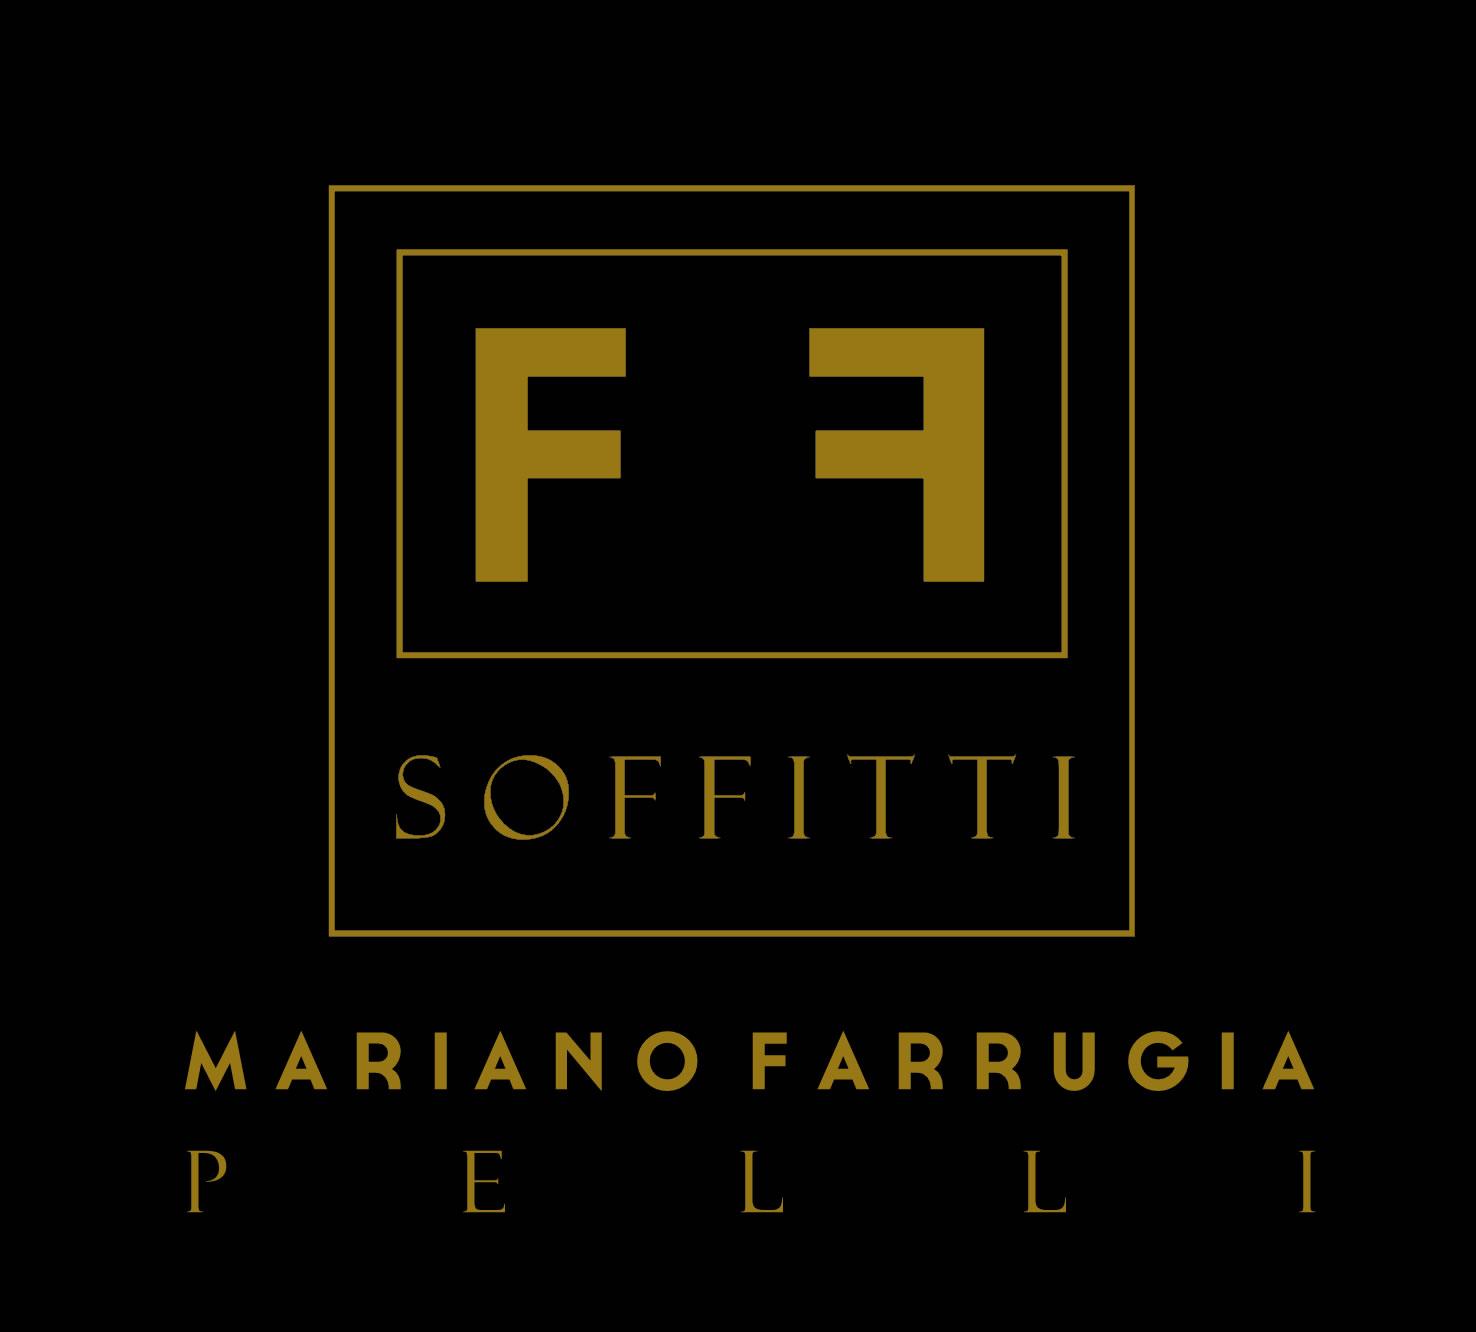 MARIANO FARRUGIA, S.L.